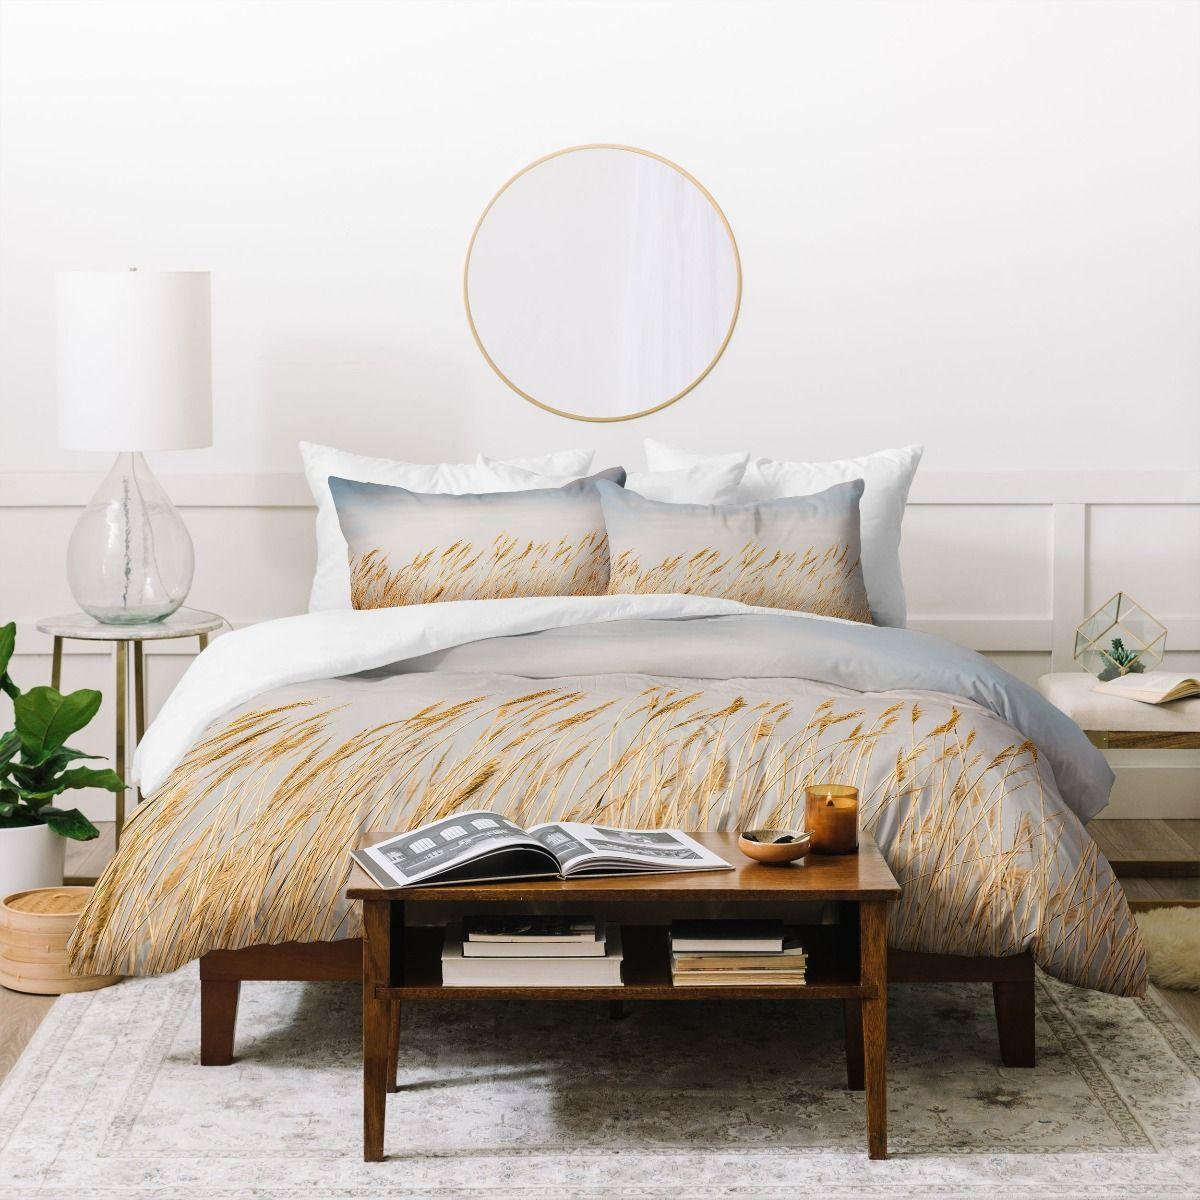 nantucket gold duvet cover & pillow shams